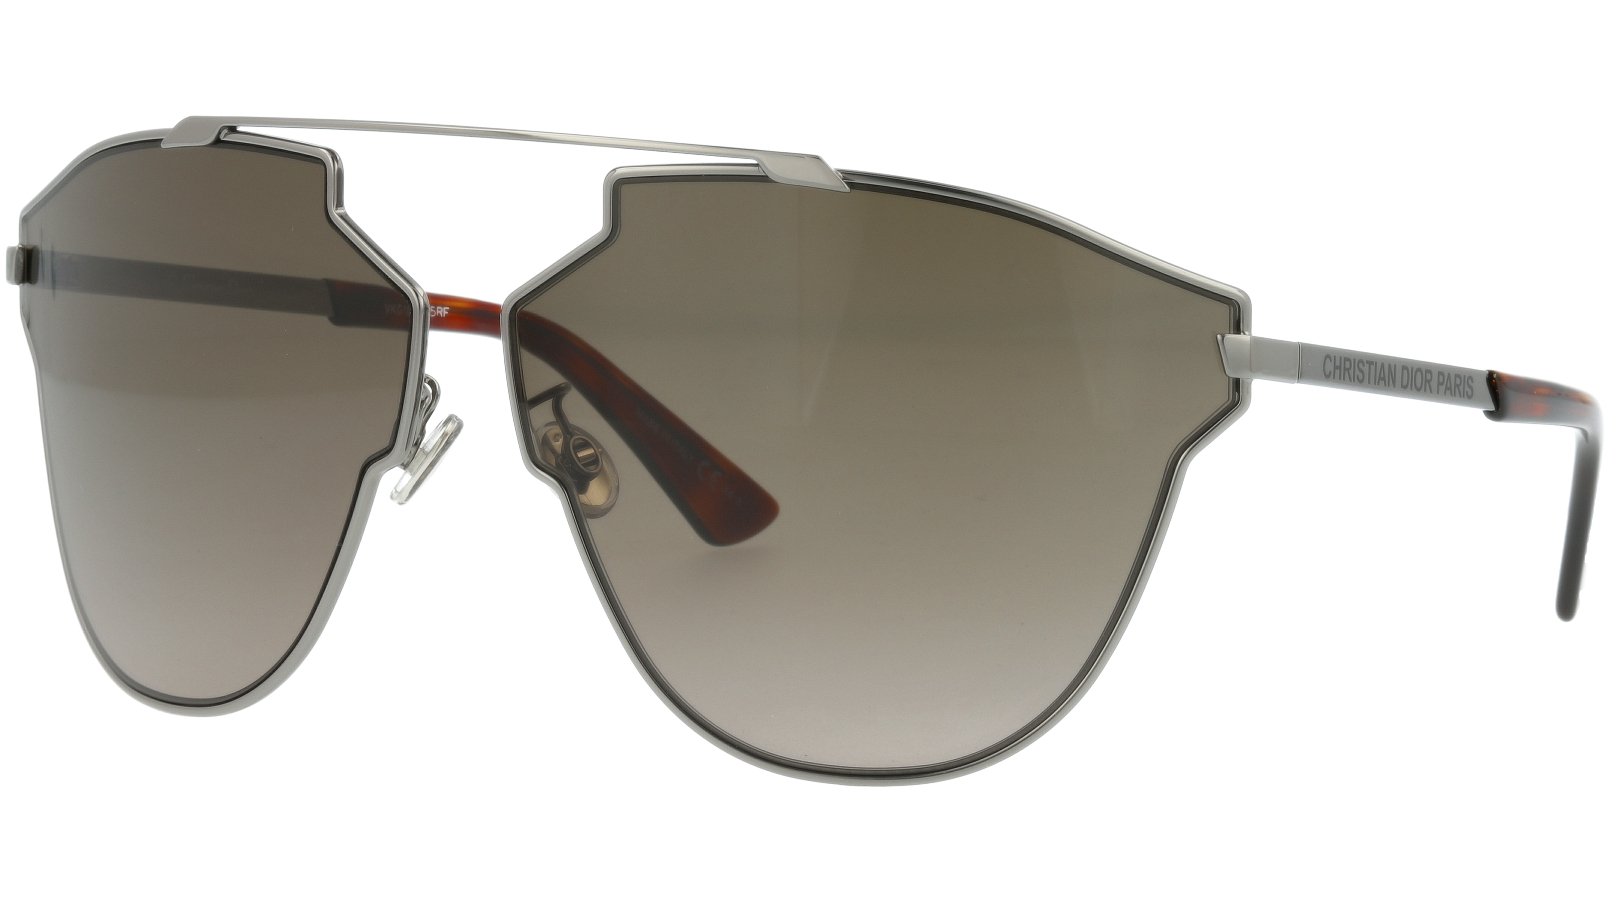 DIOR DIORSOREALFAST KJ1HA 69 DARK Sunglasses